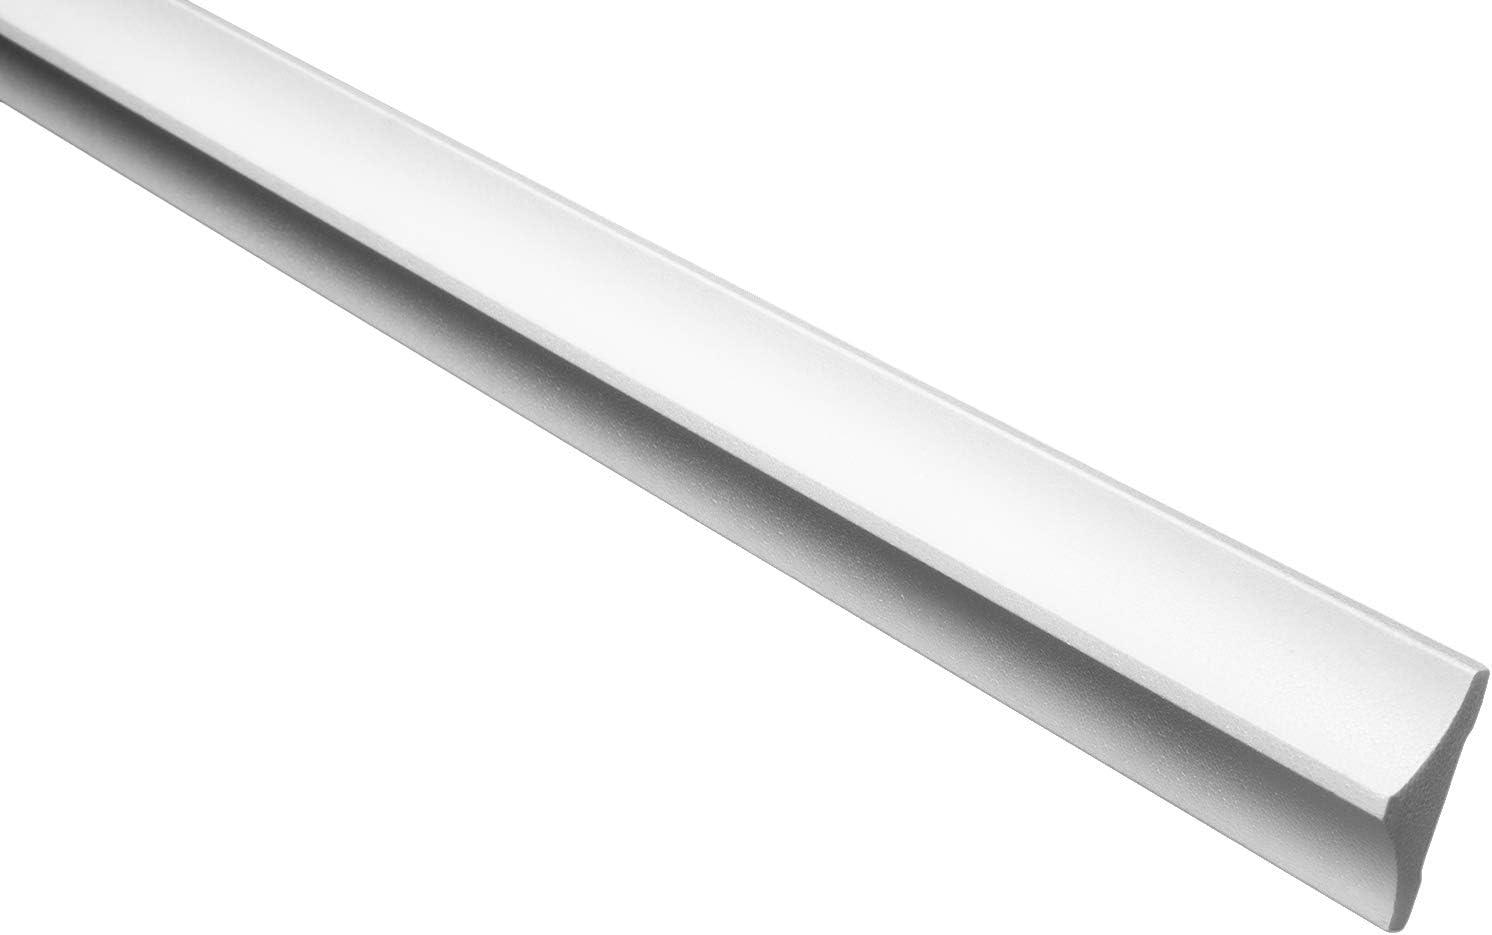 2 Meter 103 x 103 mm leichte und stabile Profile f/ür Decken-// und Wand/übergang Stuckleisten aus Styropor modern dekorativ gro/ße Auswahl B-27 wei/ß